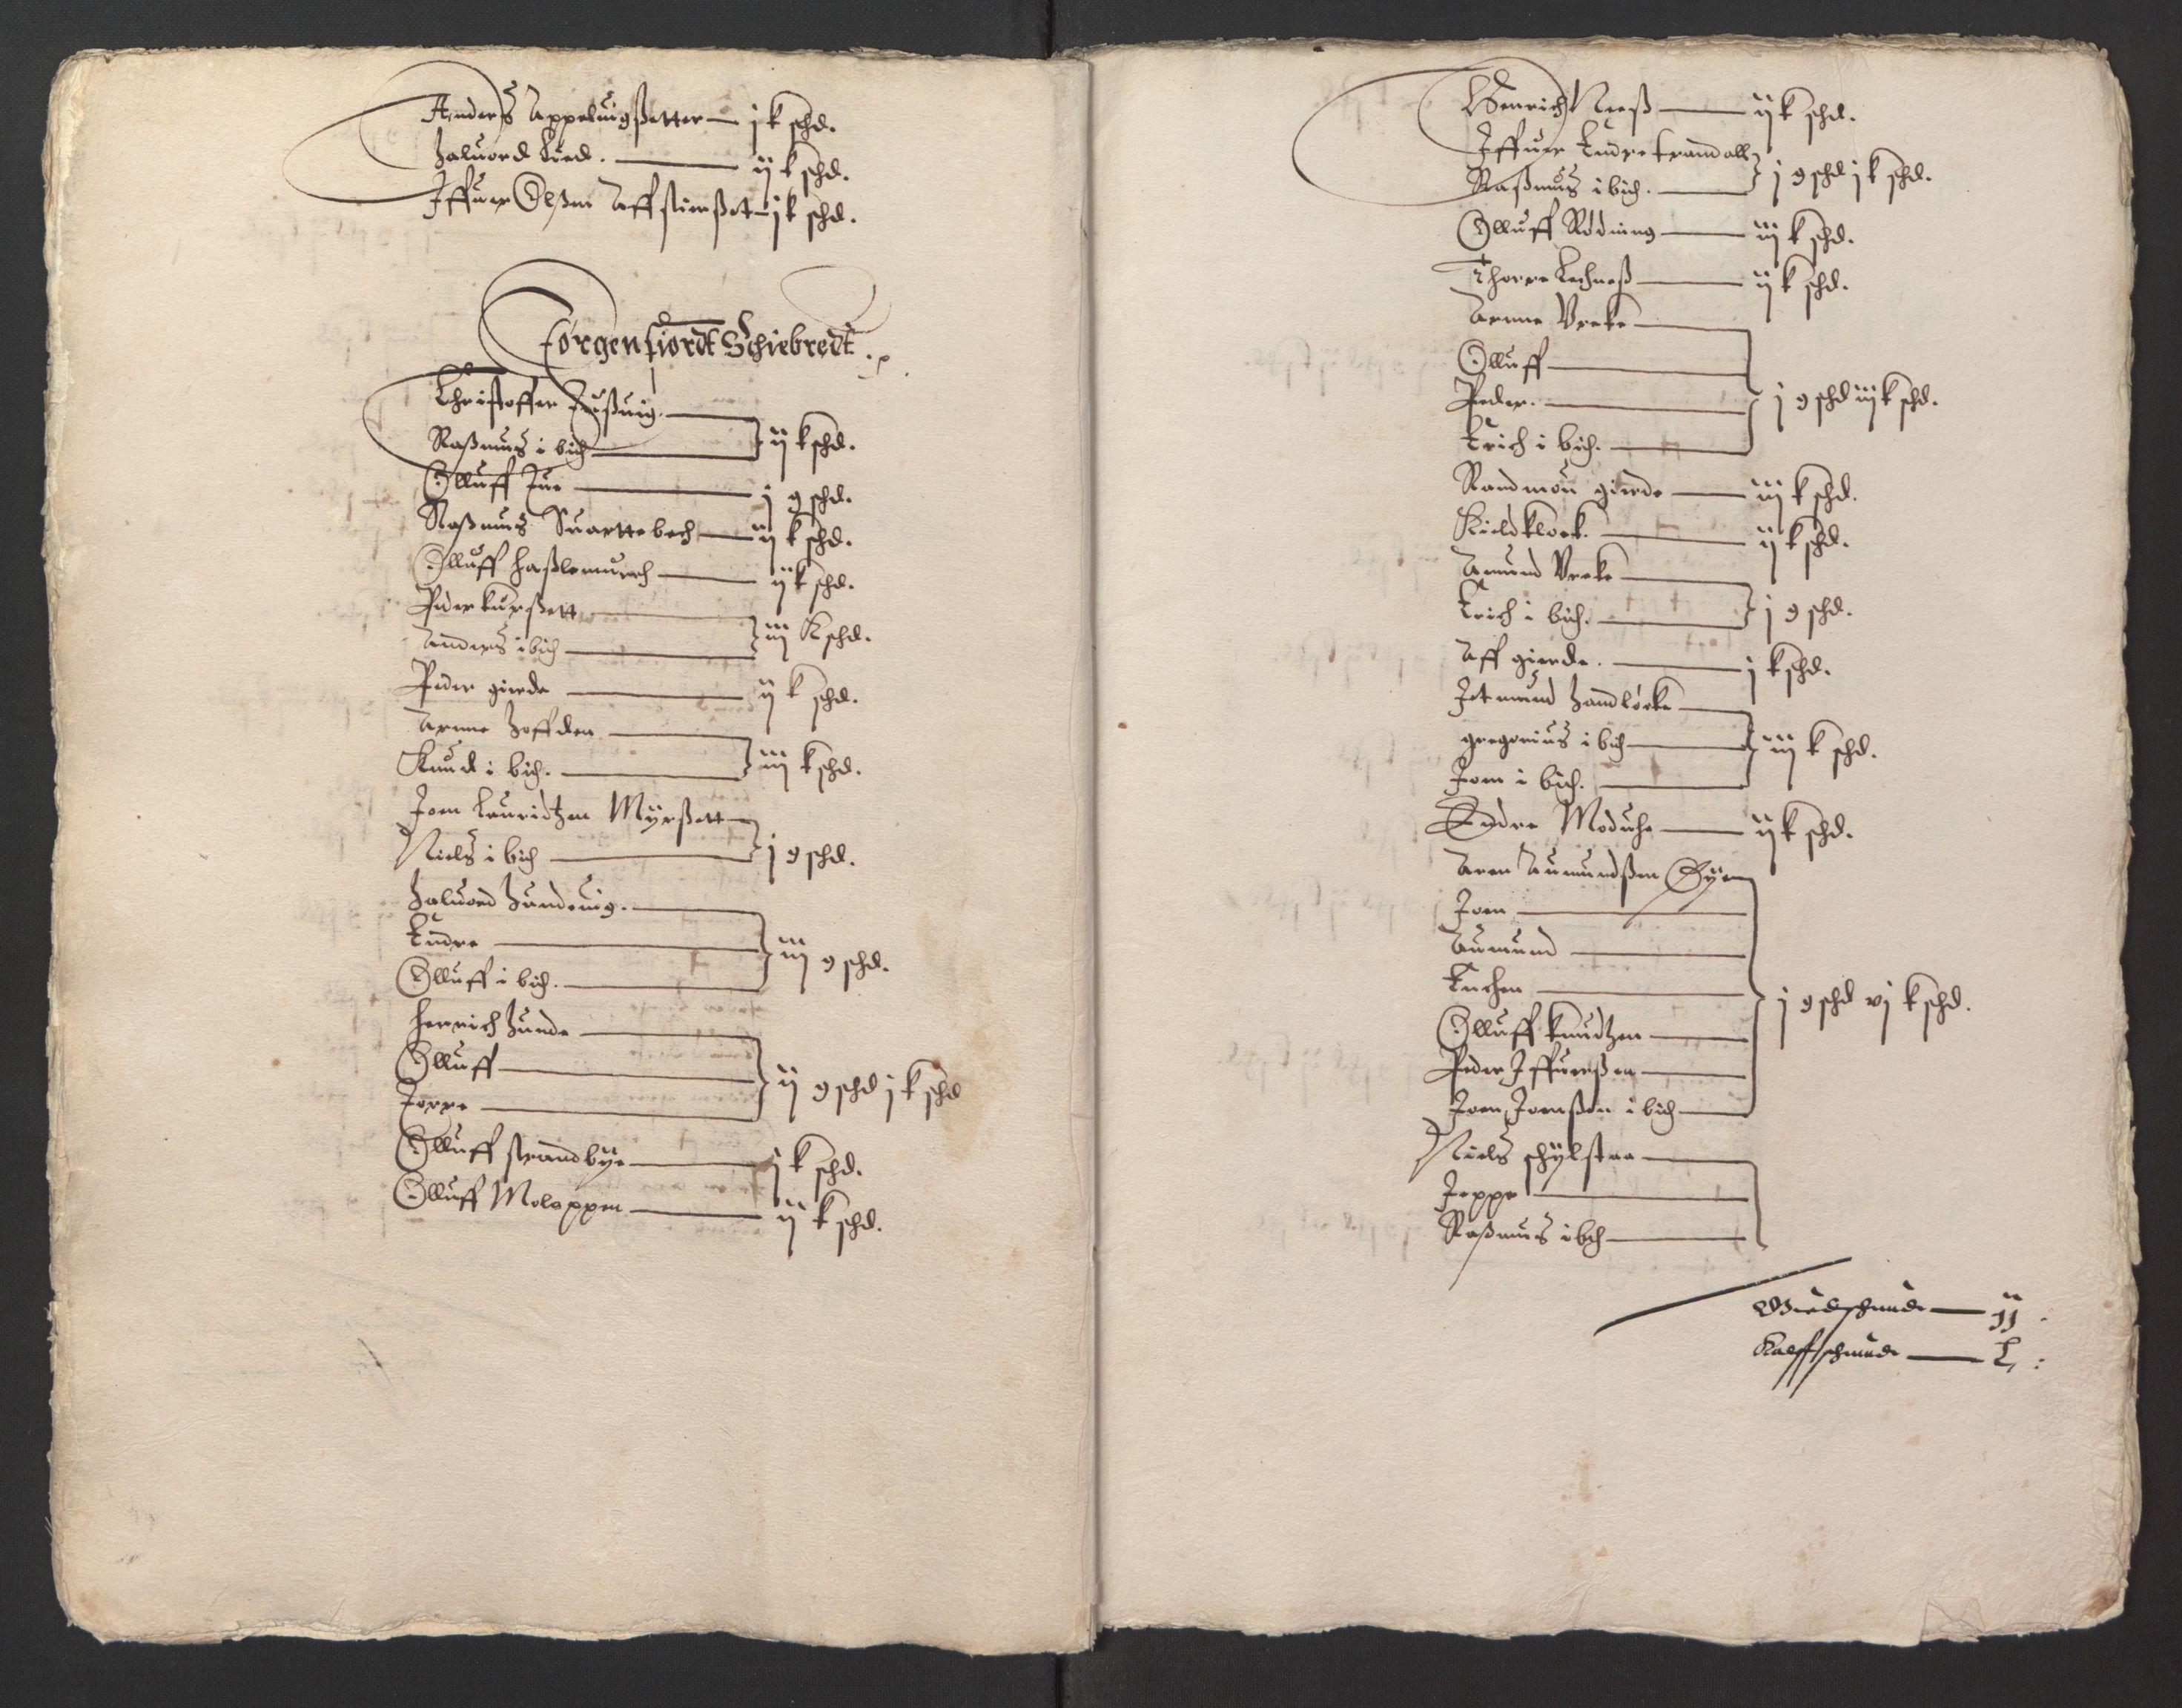 RA, Stattholderembetet 1572-1771, Ek/L0003: Jordebøker til utlikning av garnisonsskatt 1624-1626:, 1624-1625, s. 306